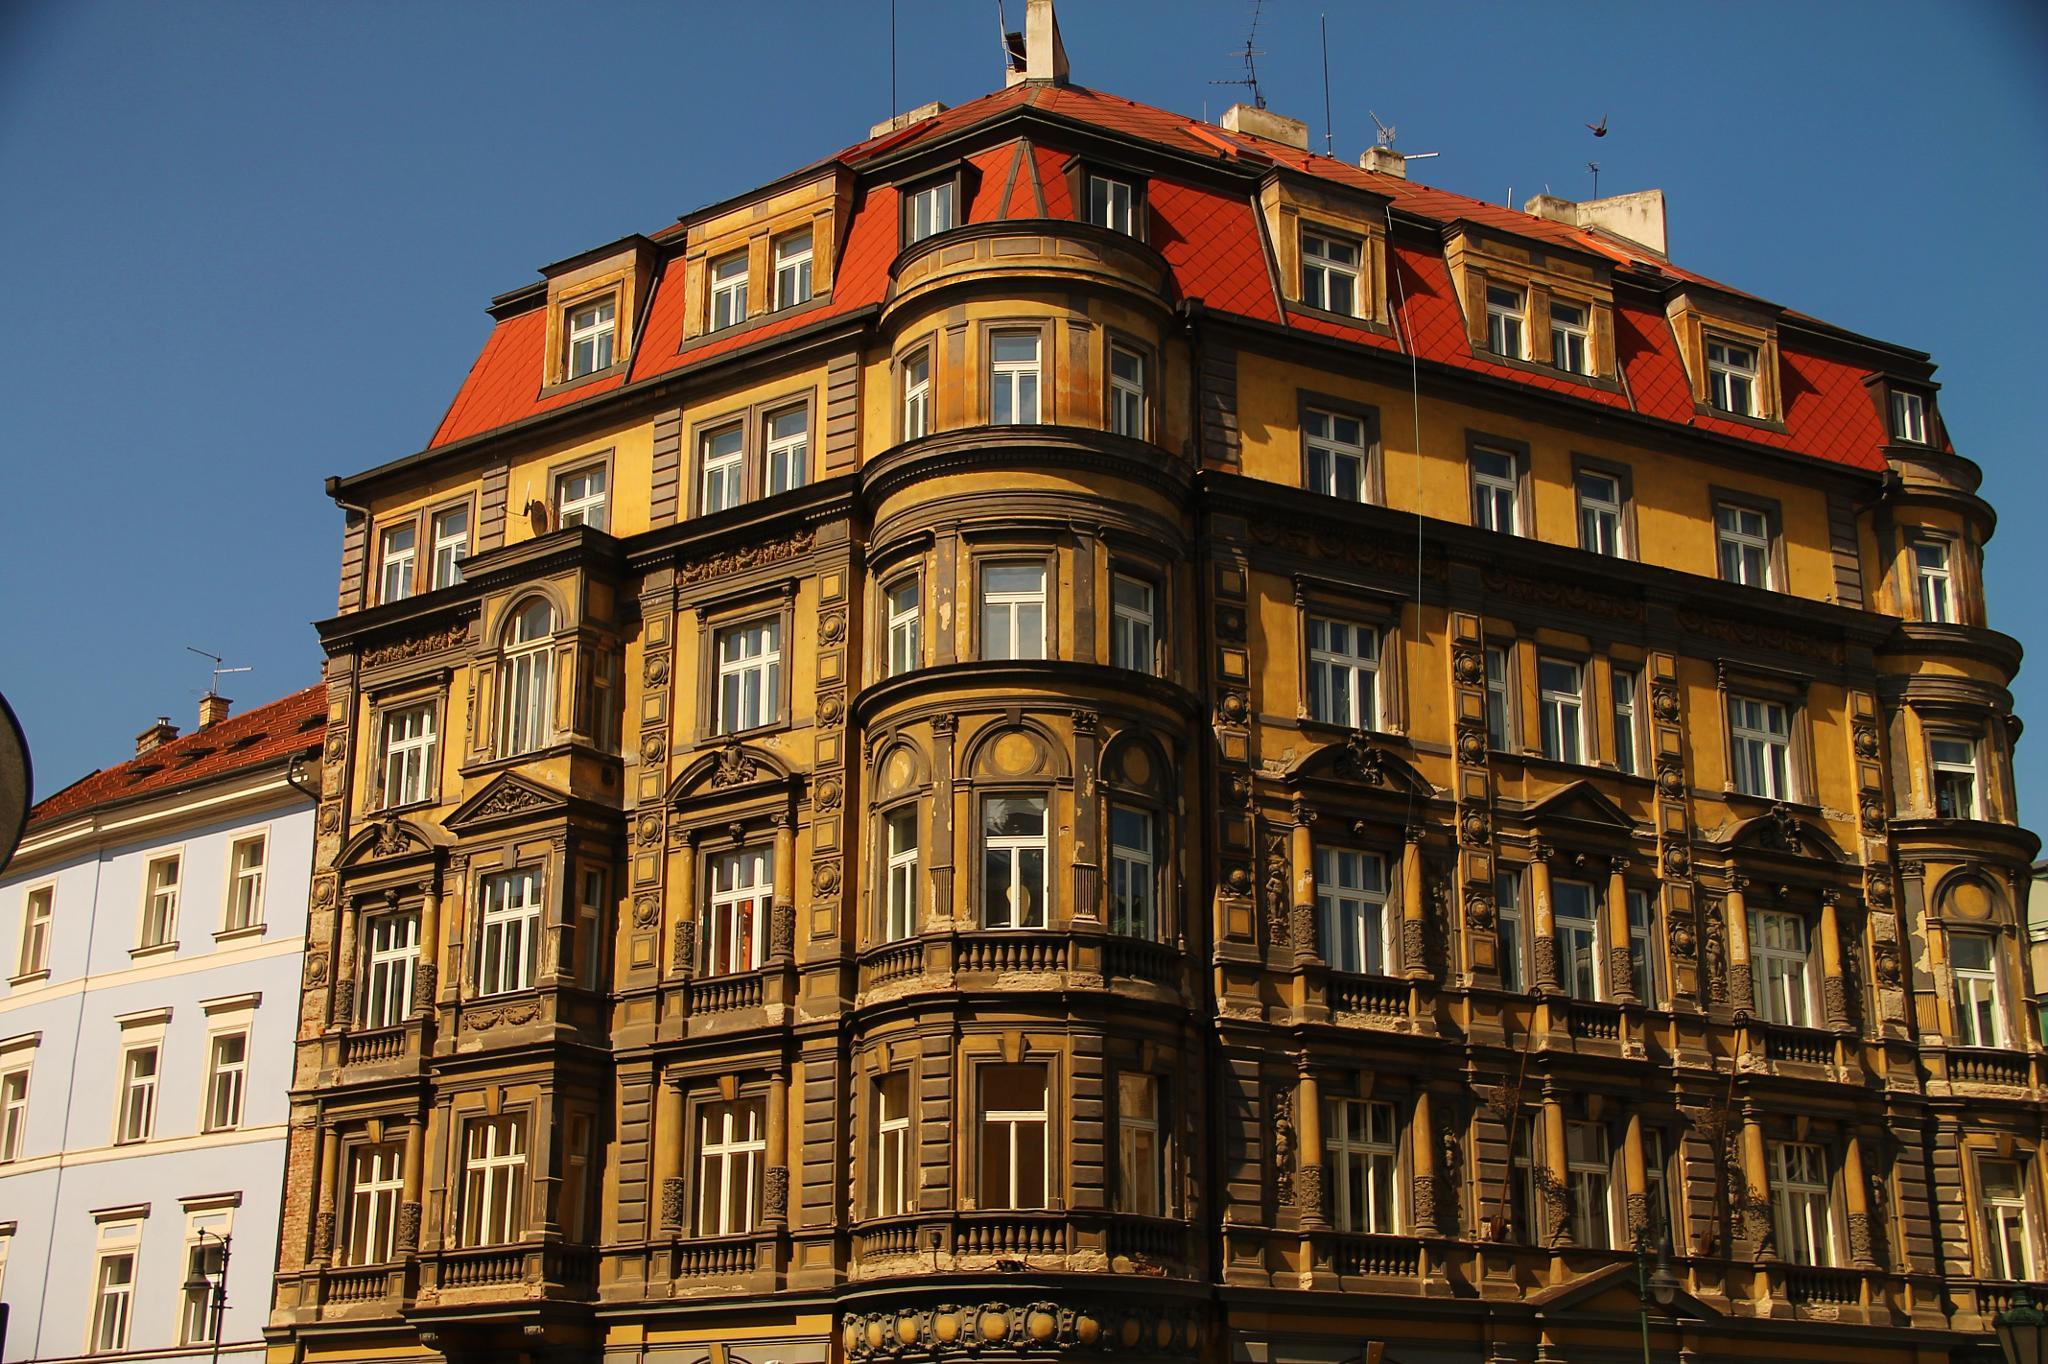 architecture in prague by ichernin